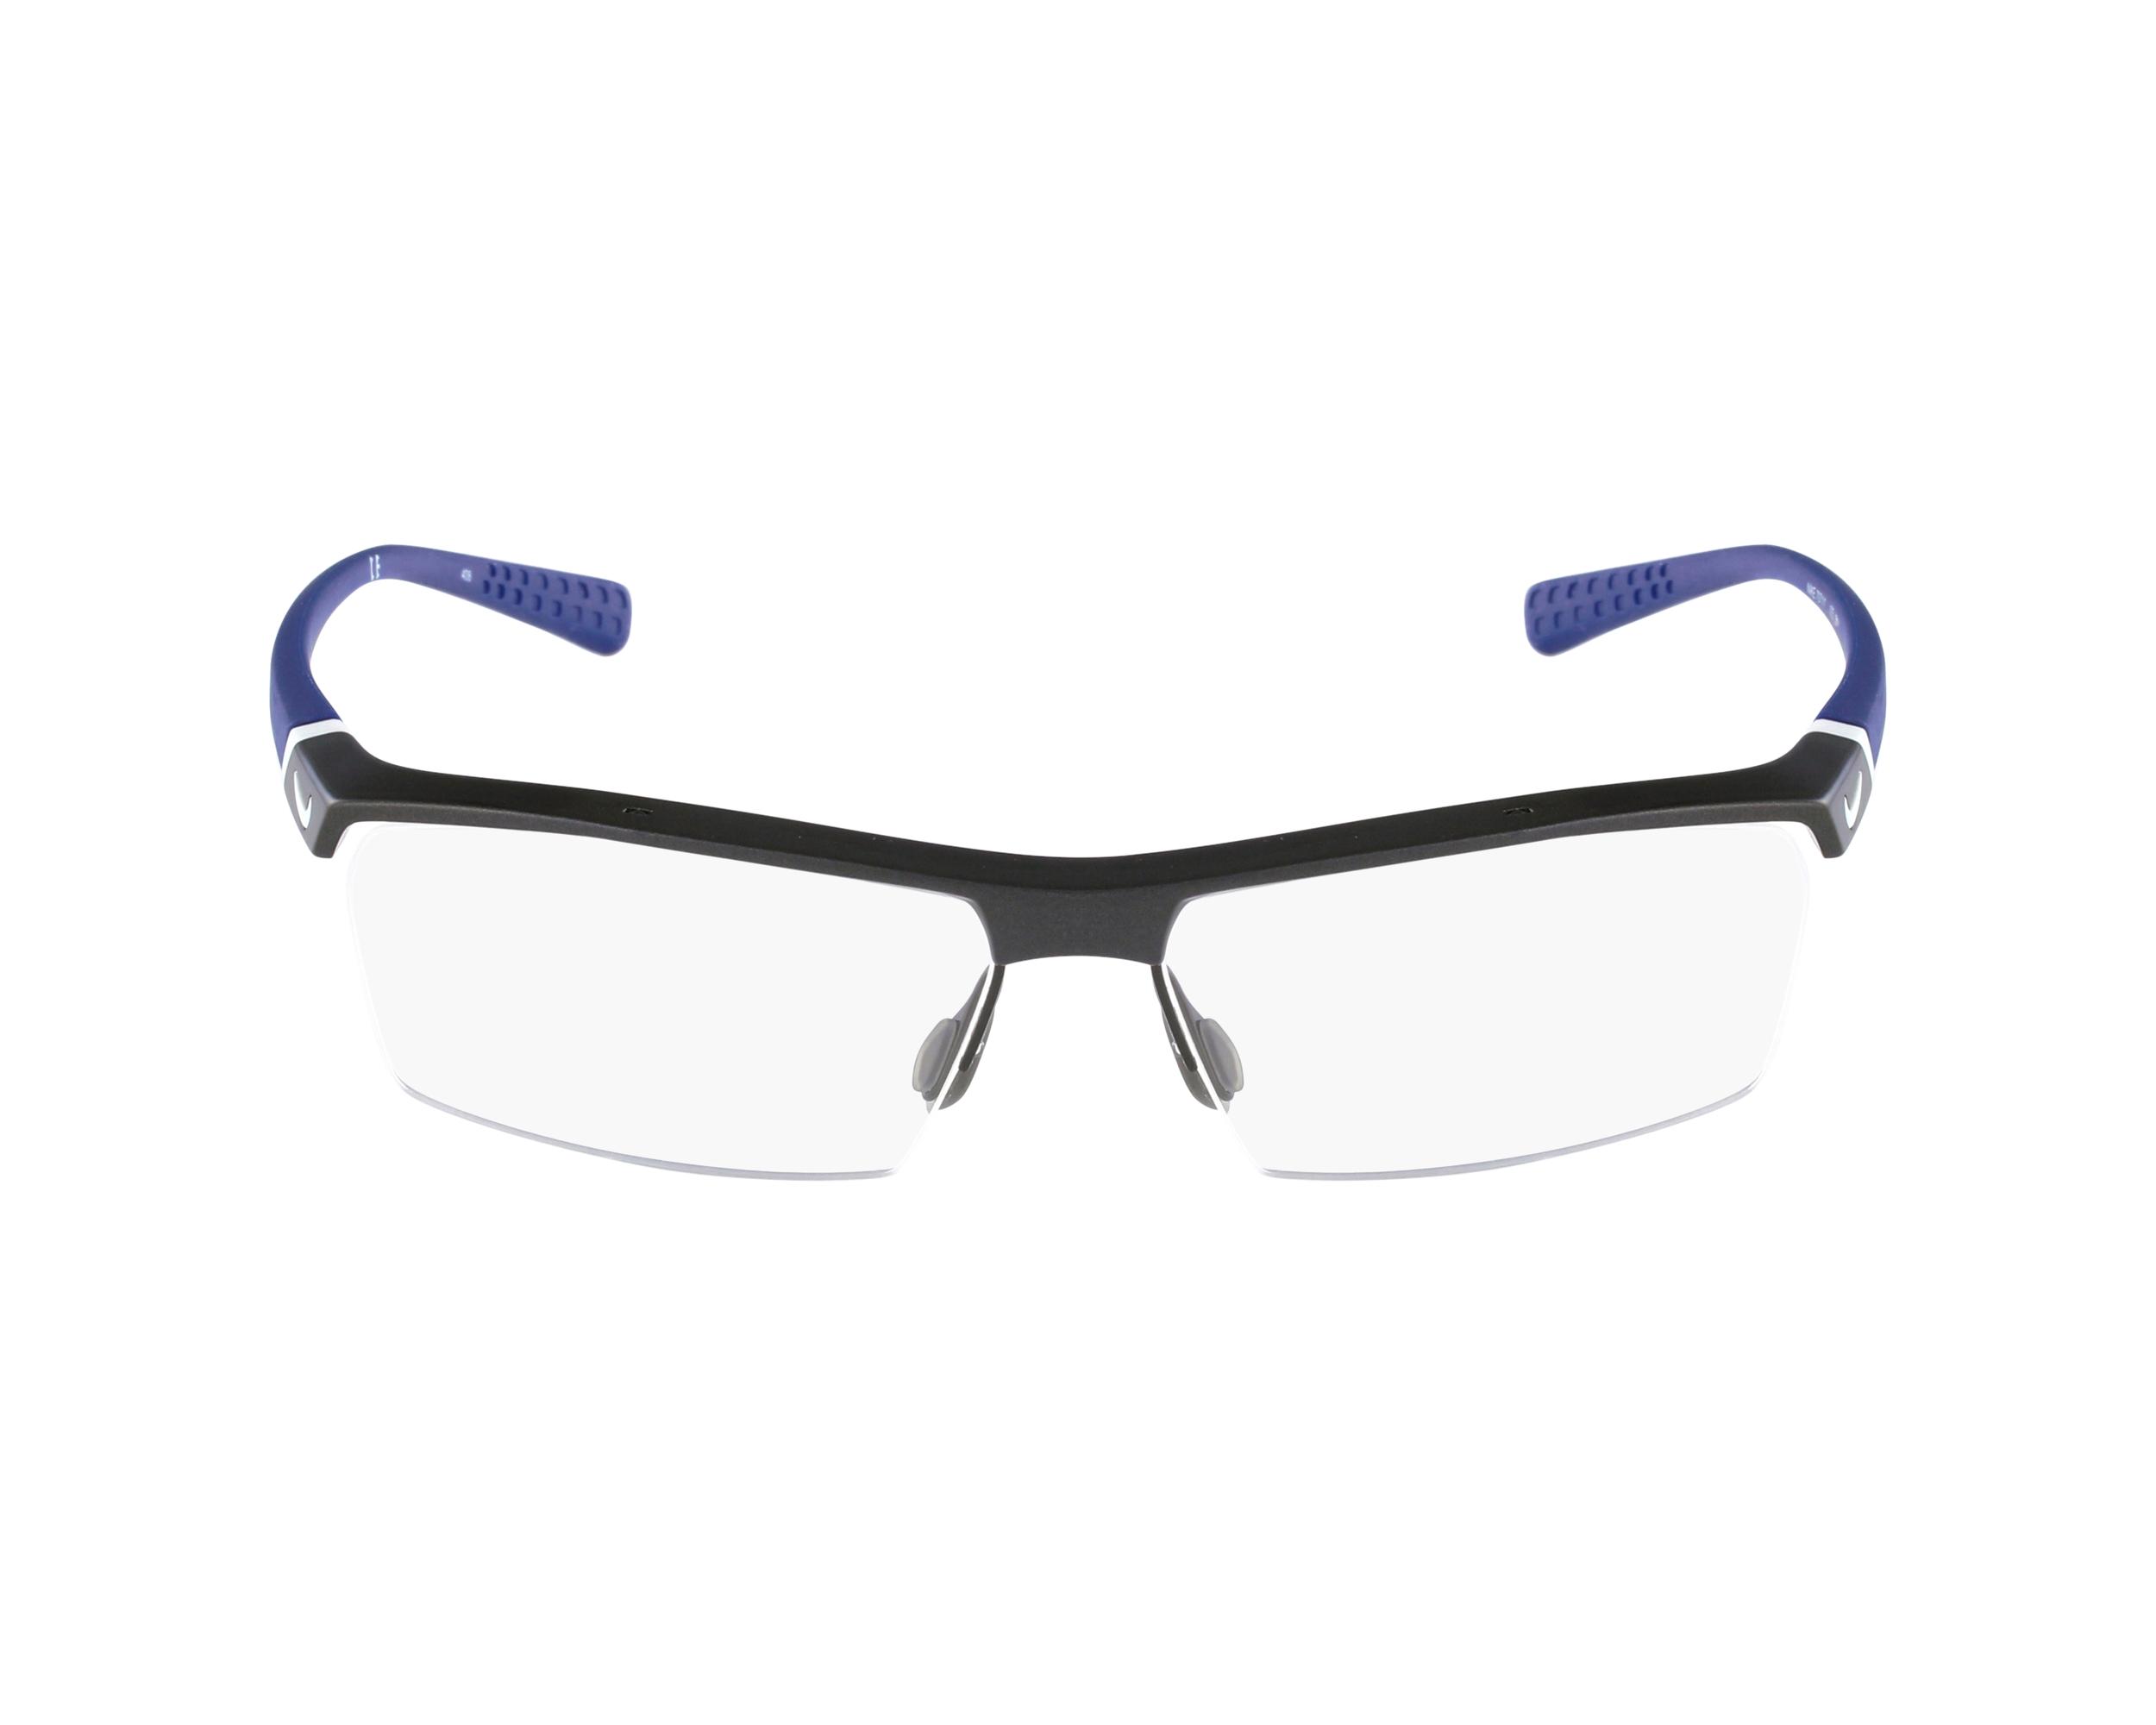 2bd6aa8fa78f27 Lunettes de vue Nike 7071-1 075 57-14 Gris Bleu vue de profil